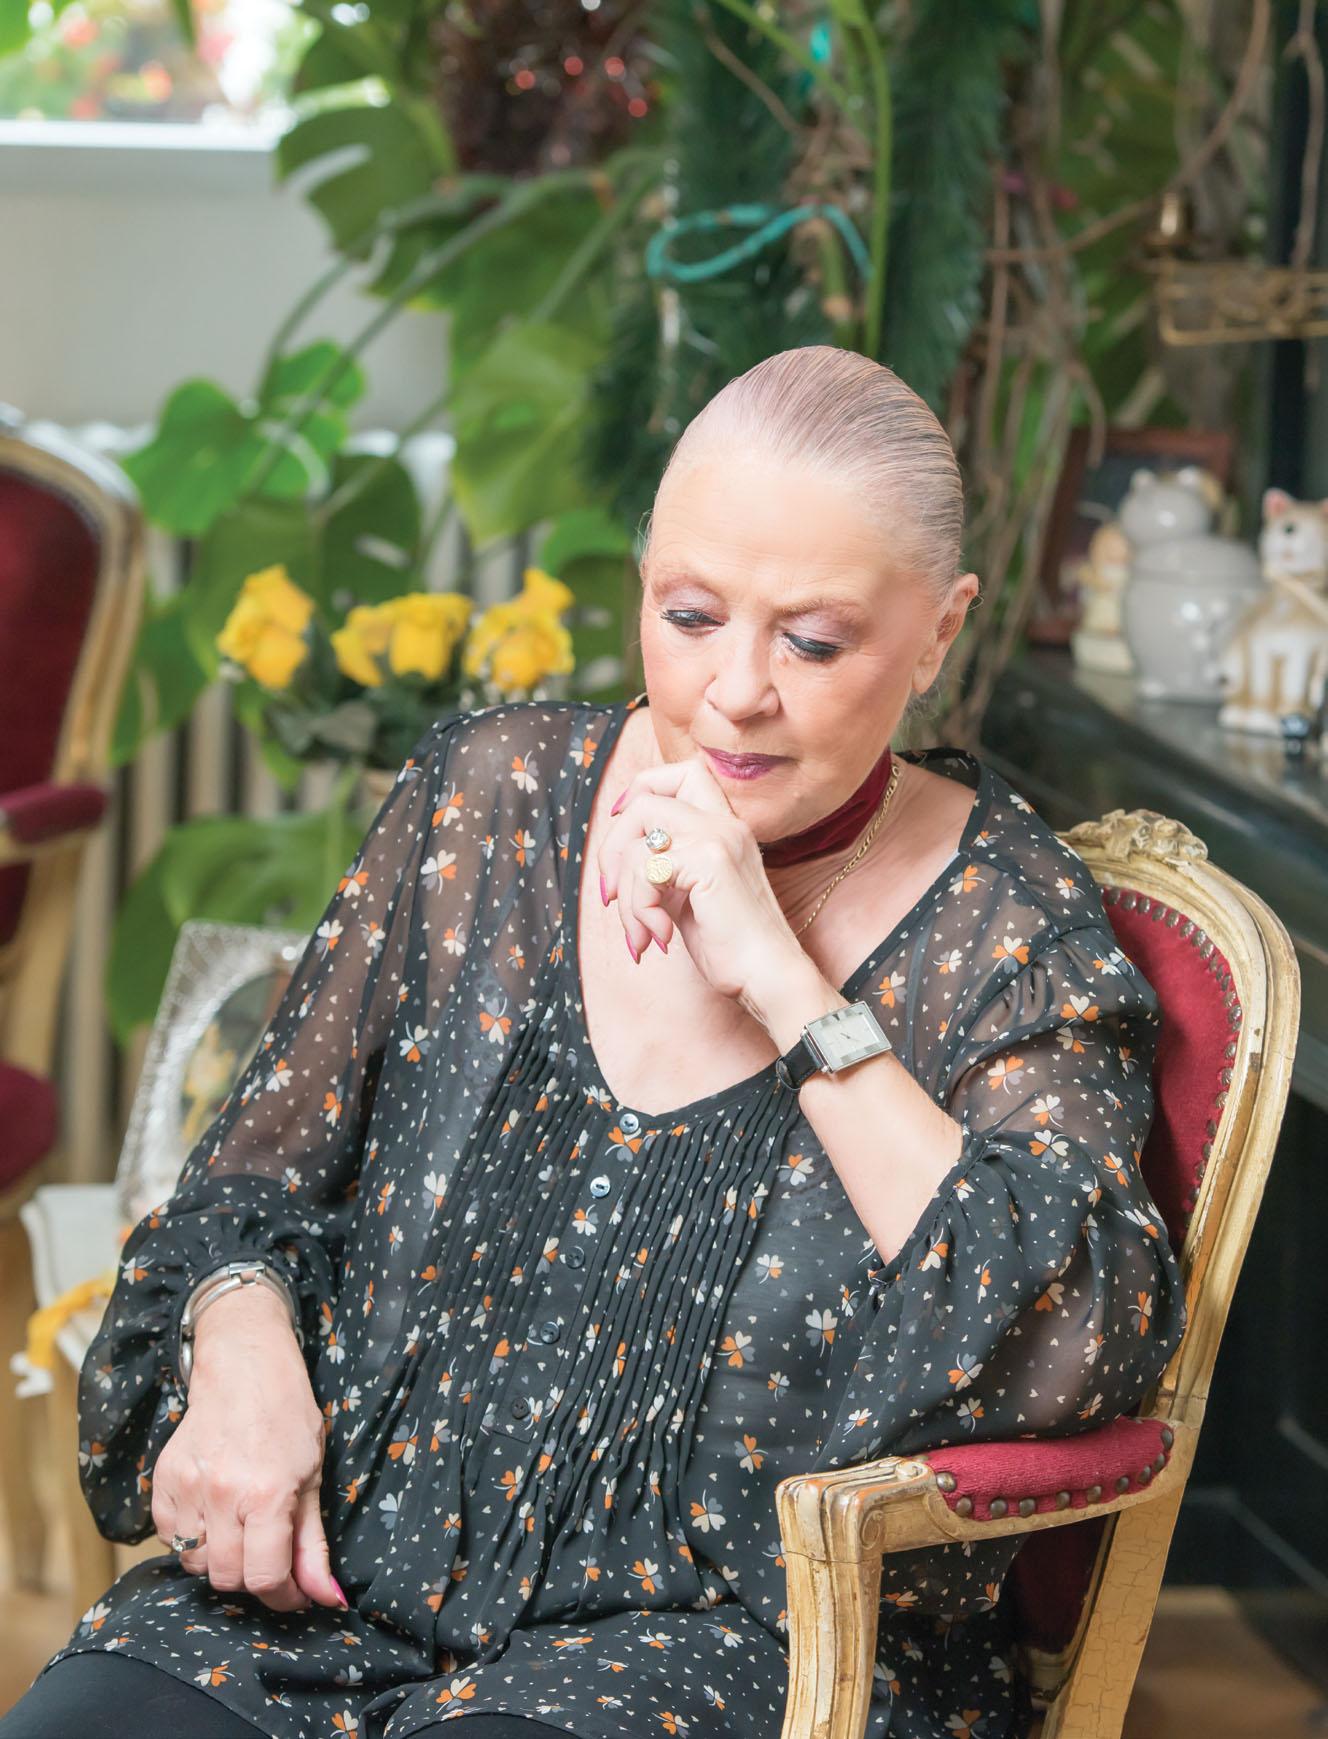 Interviu cu Ileana Iliescu, coregrafa si fosta prim-balerina a Operei Nationale Bucuresti, pentru Marea Dragoste -revistatango.ro, nr. 135, decembrie 2017